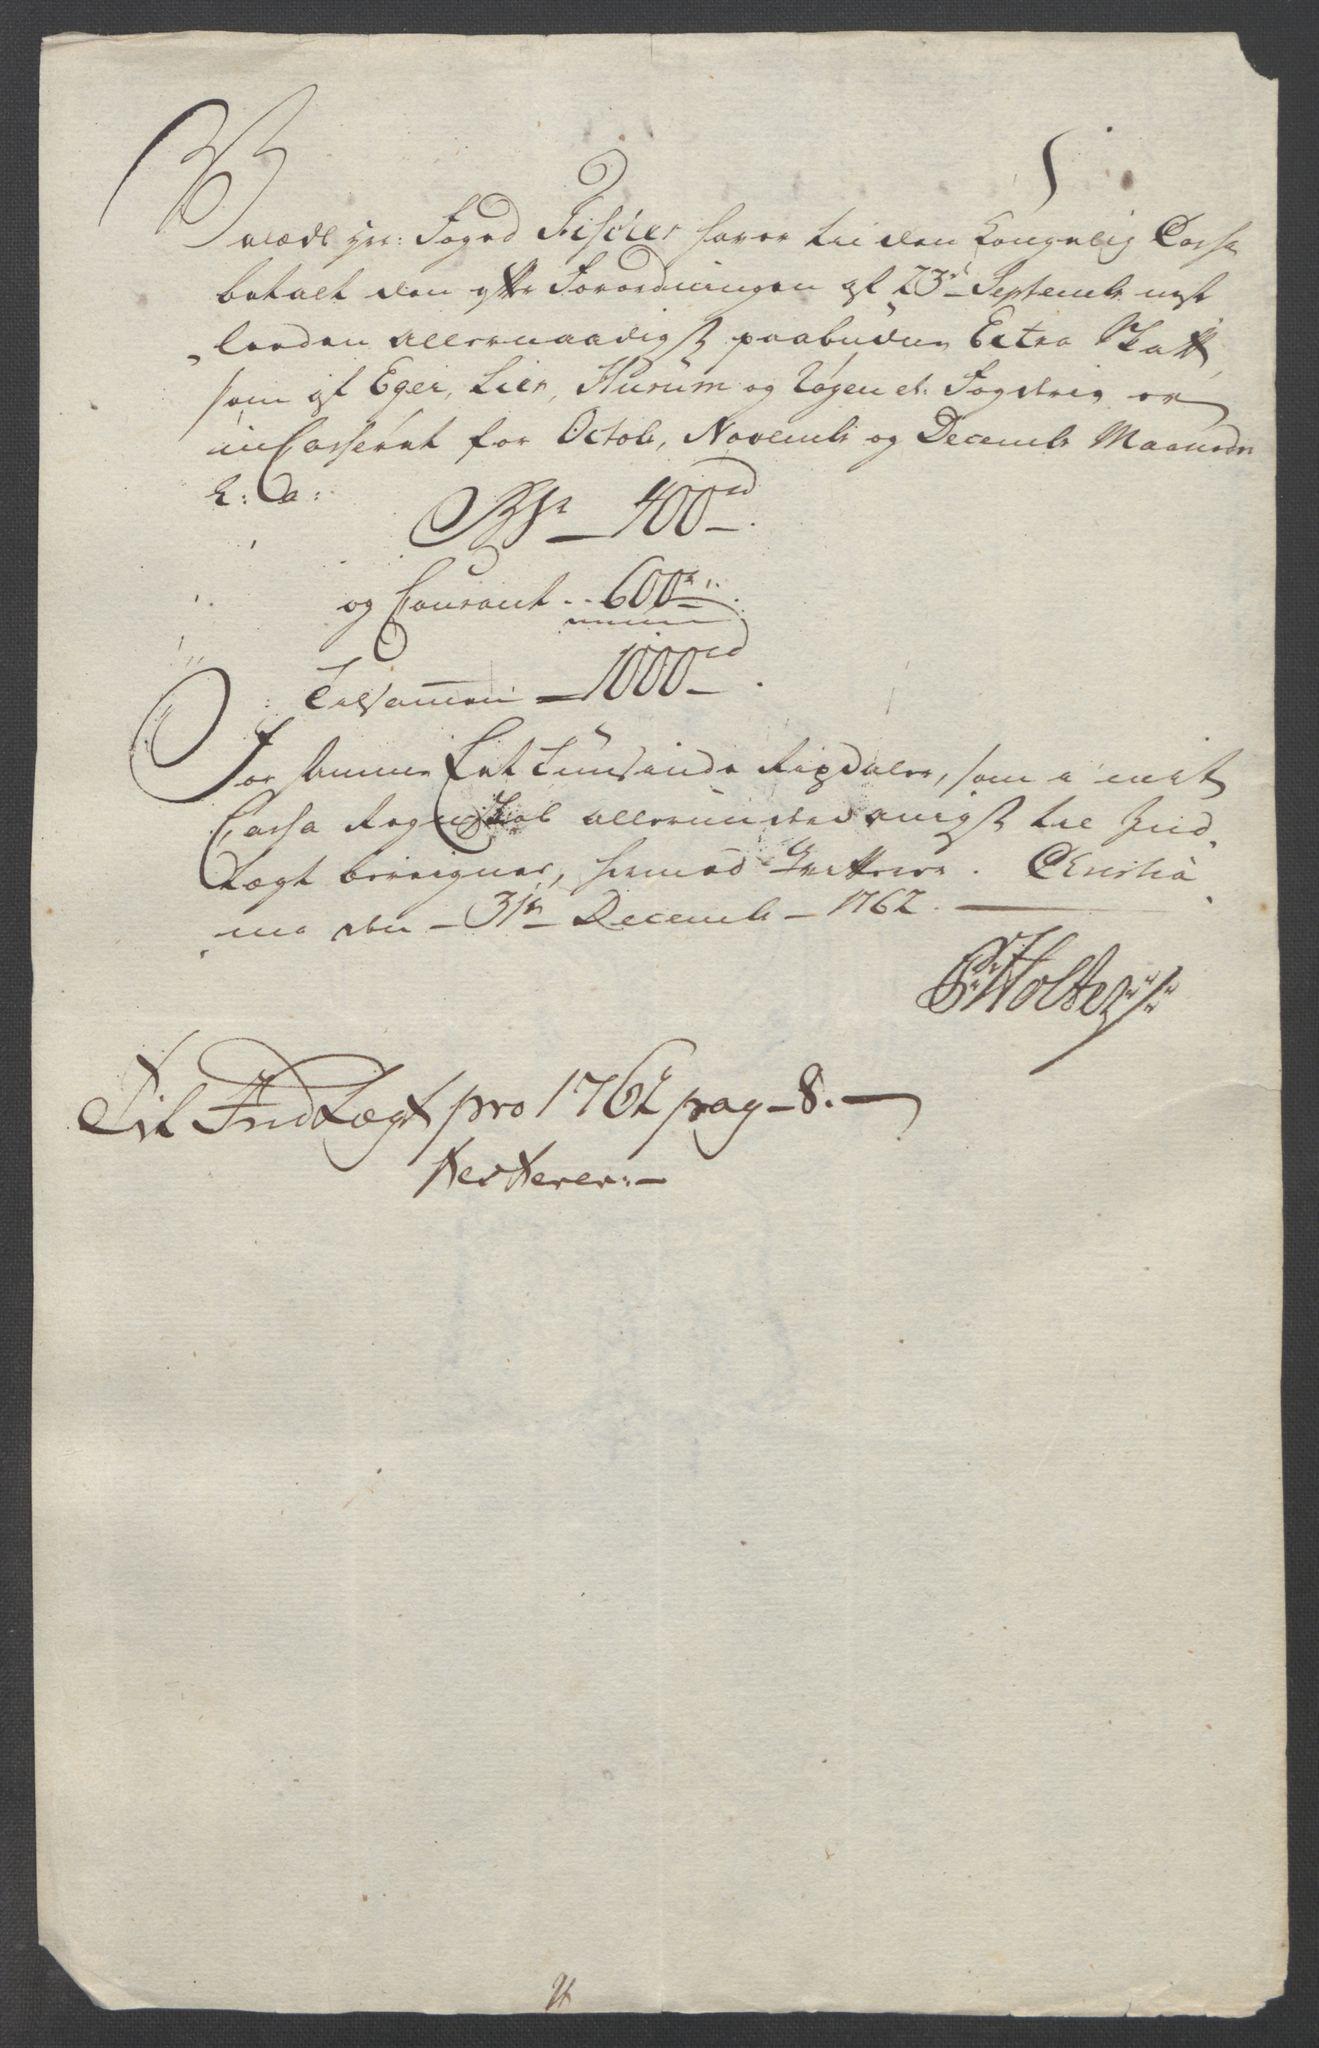 RA, Rentekammeret inntil 1814, Reviderte regnskaper, Fogderegnskap, R31/L1833: Ekstraskatten Hurum, Røyken, Eiker, Lier og Buskerud, 1762-1764, s. 46